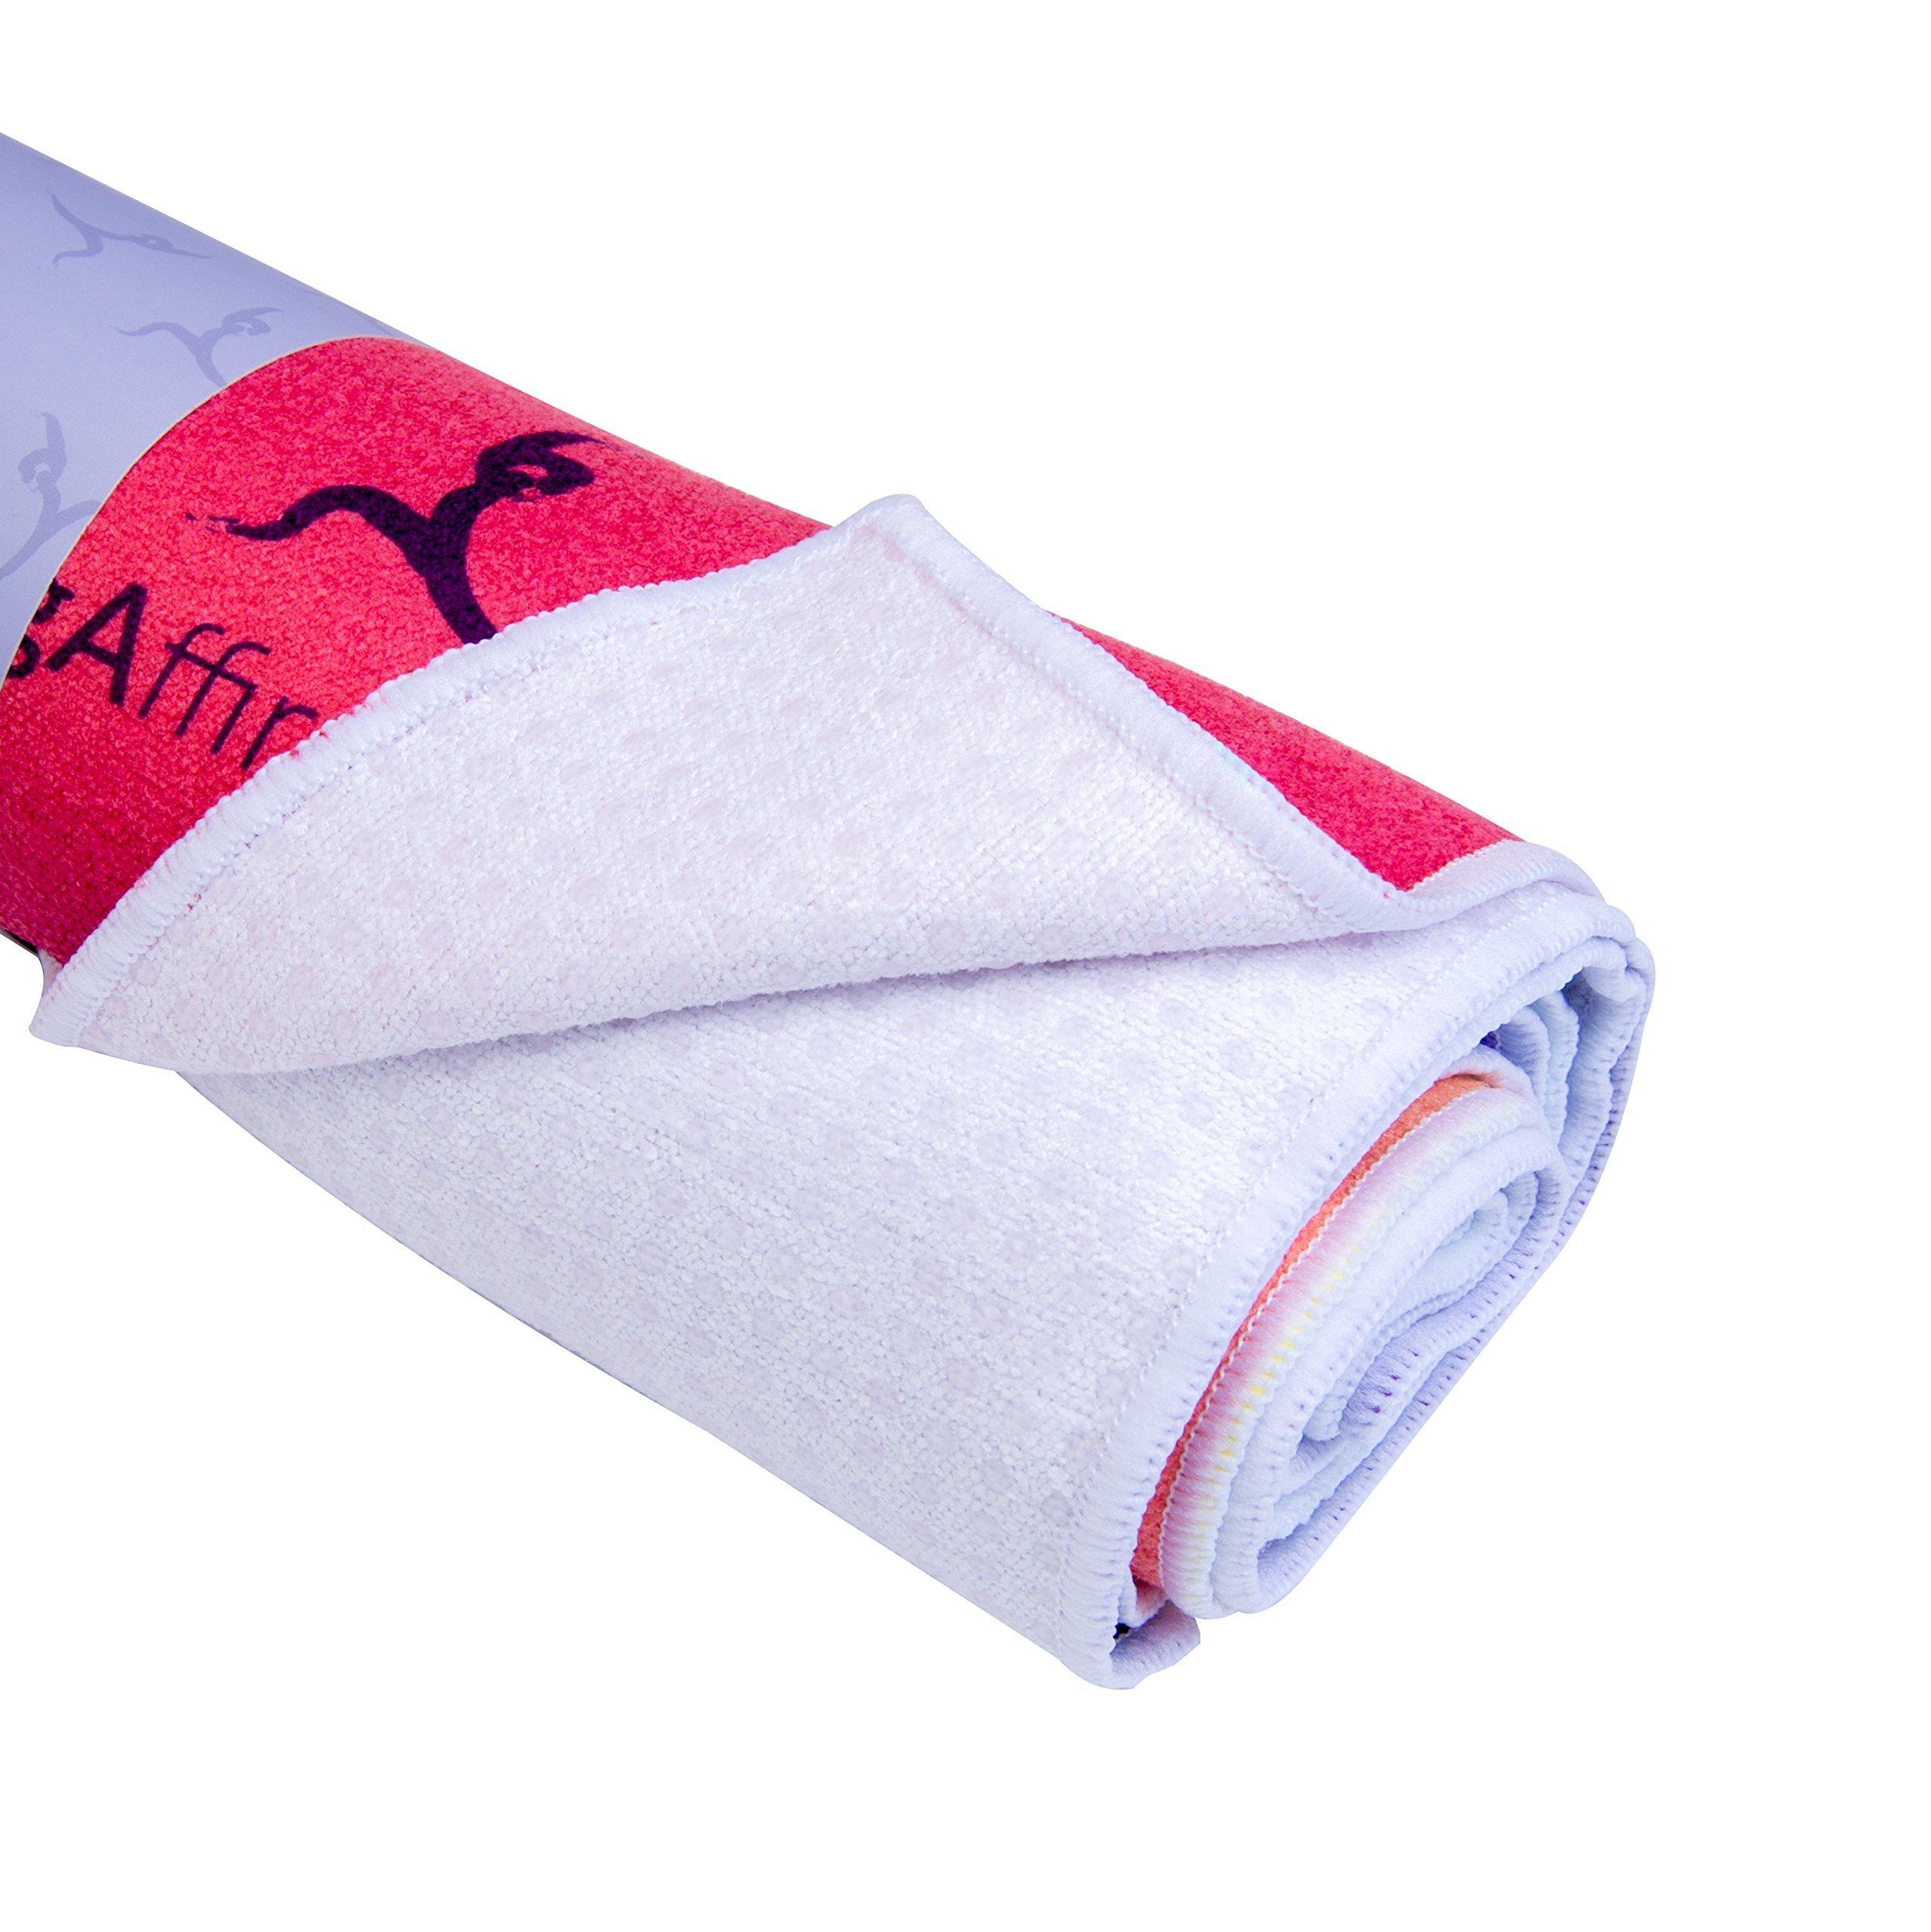 mat mens purple accessories mats hot yoga towel towels sss yogarat